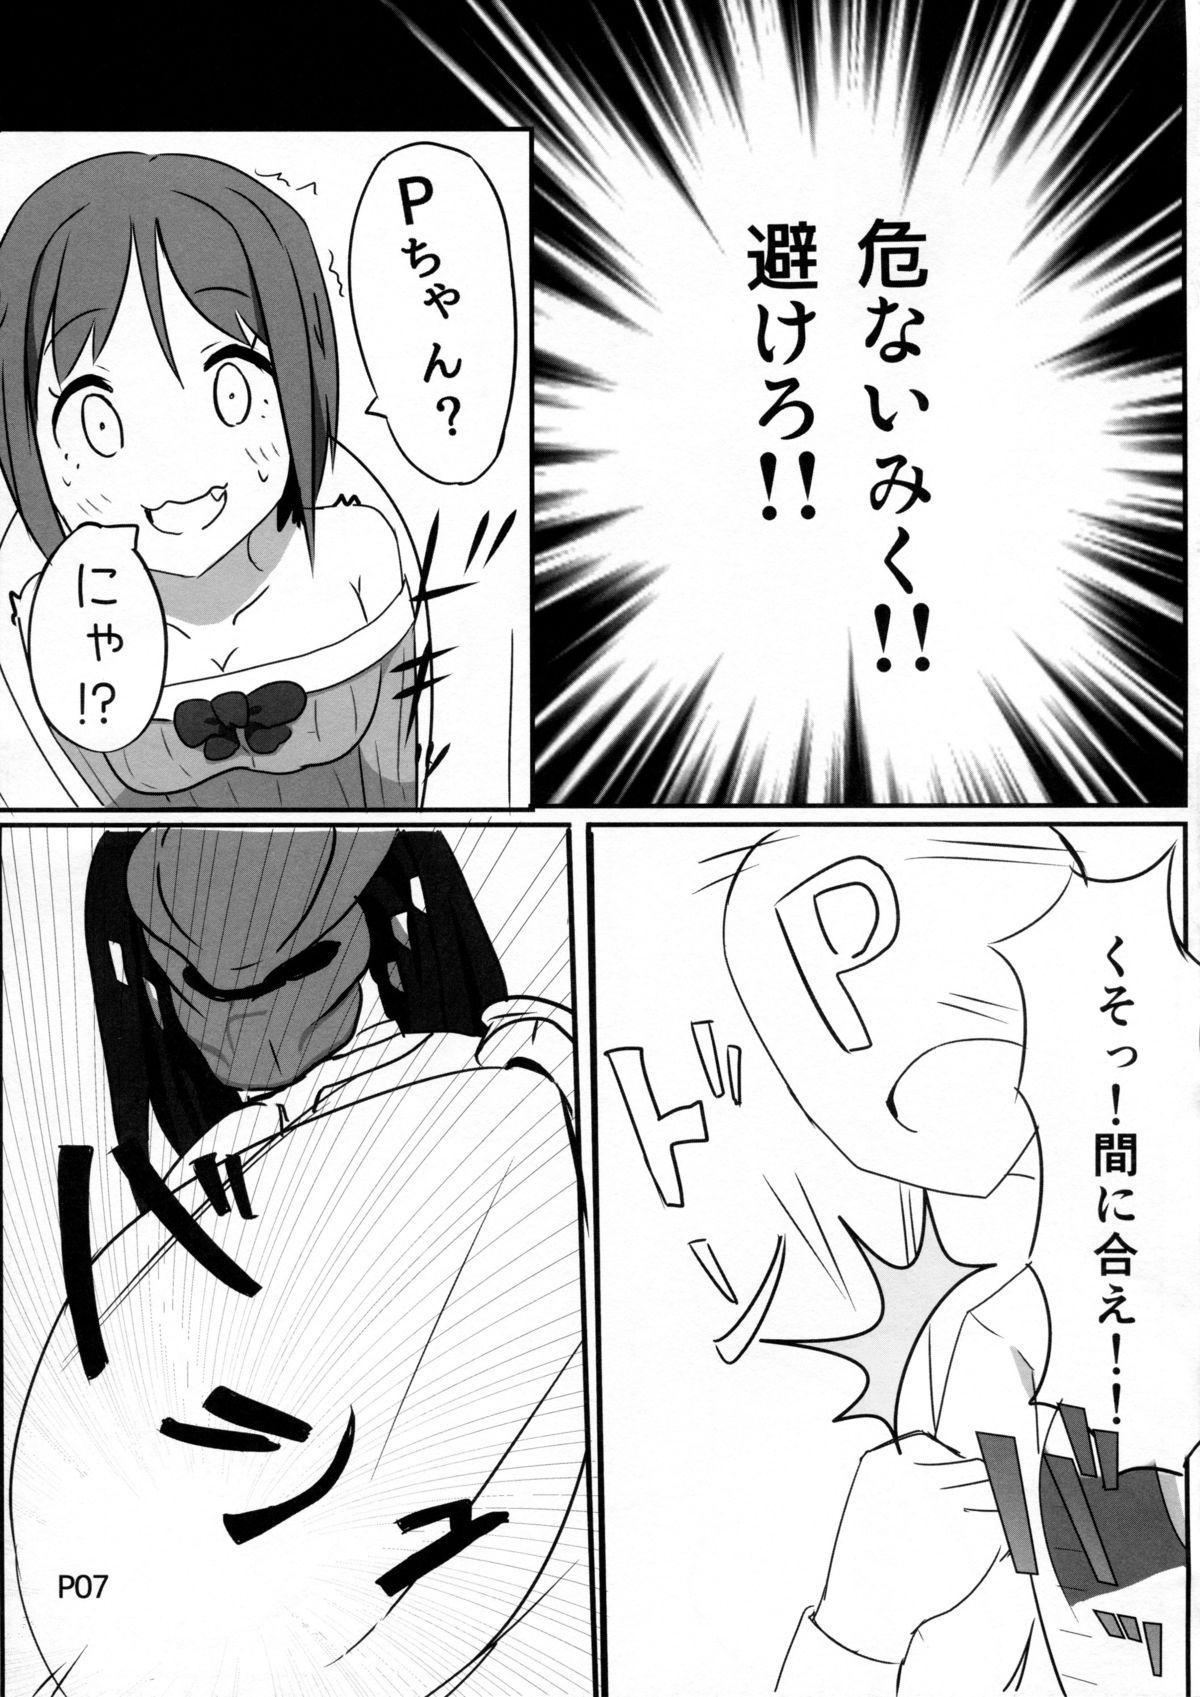 Maekawa Miku vs Predator 5